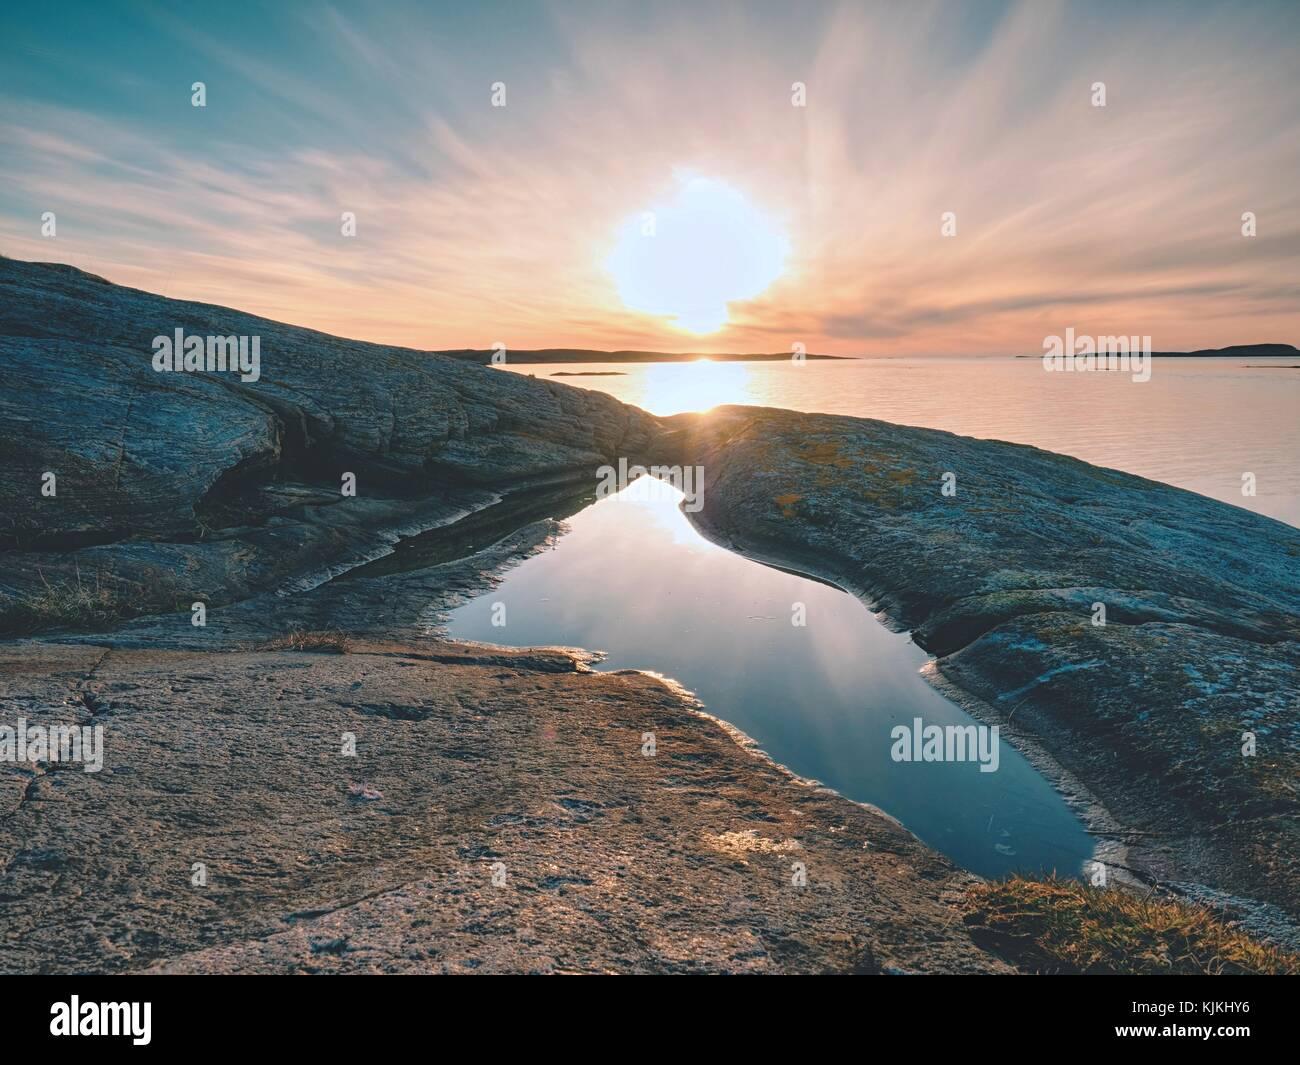 Konzept der seascape Sonnenuntergang bzw. Sonnenaufgang Hintergrund mit reichen Reflexion im Wasser Pool. Die Sonne Stockbild